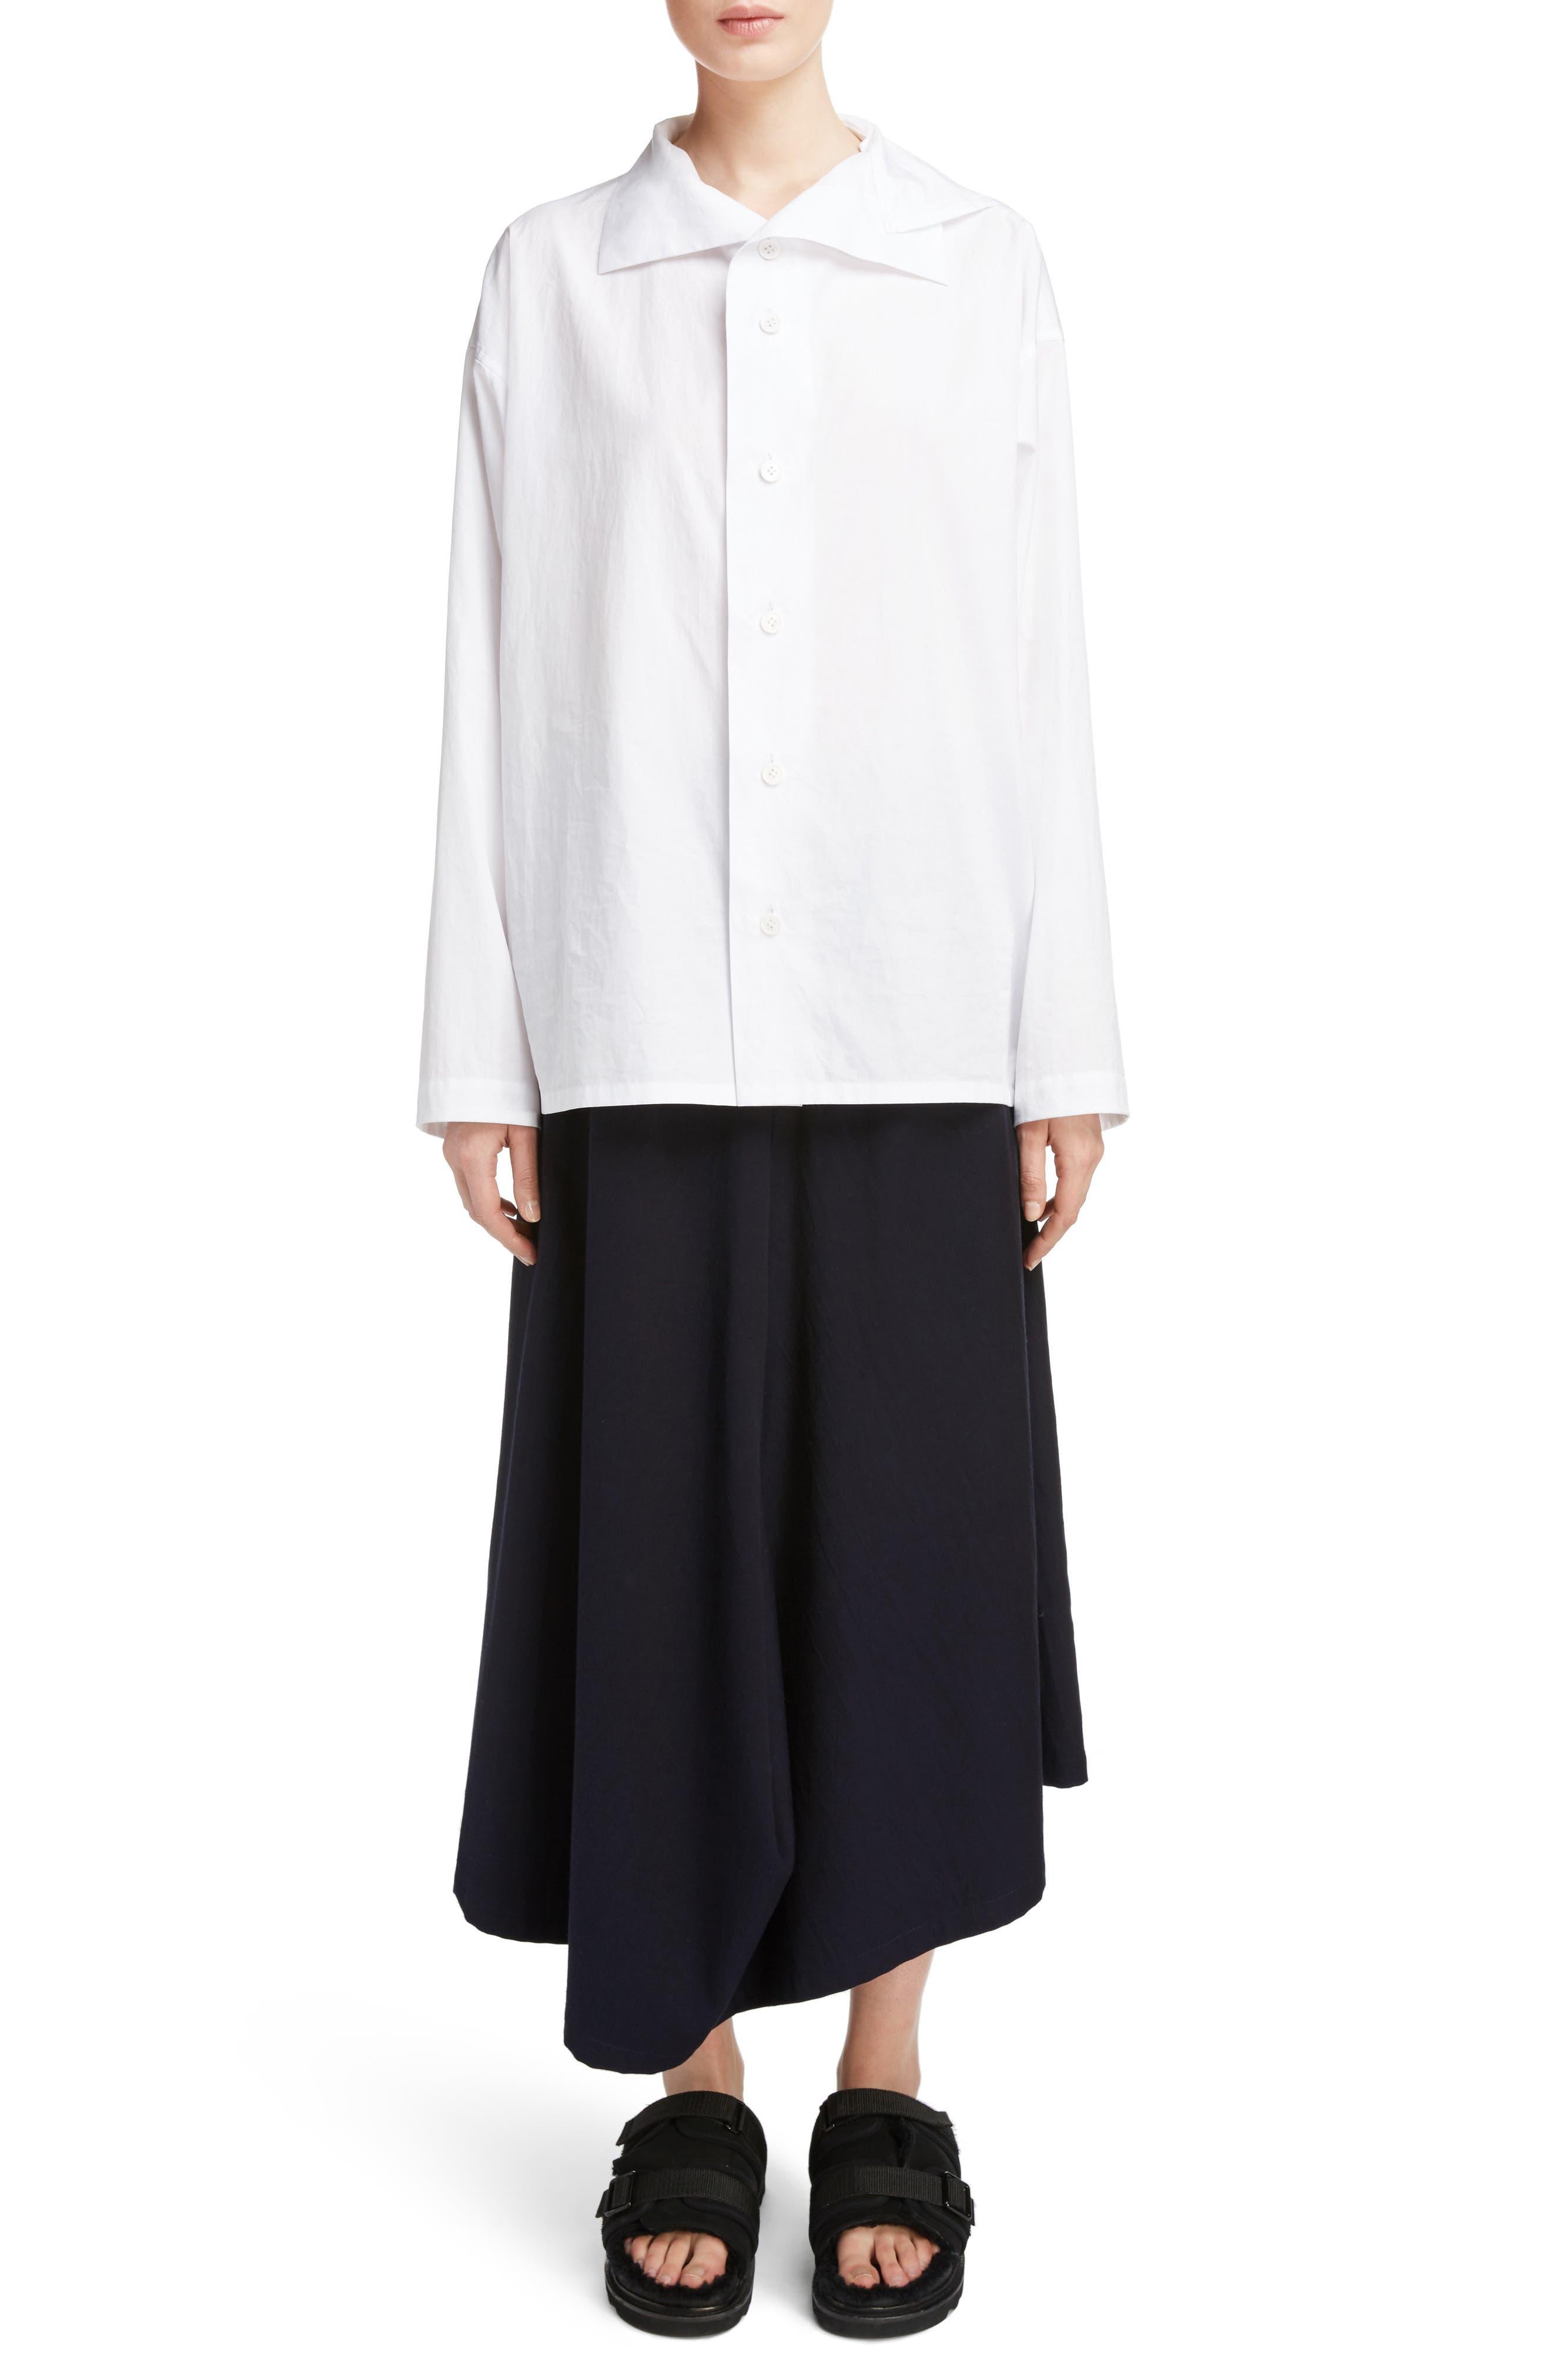 Y's by Yohji Yamamoto Asymmetrical Collar Blouse